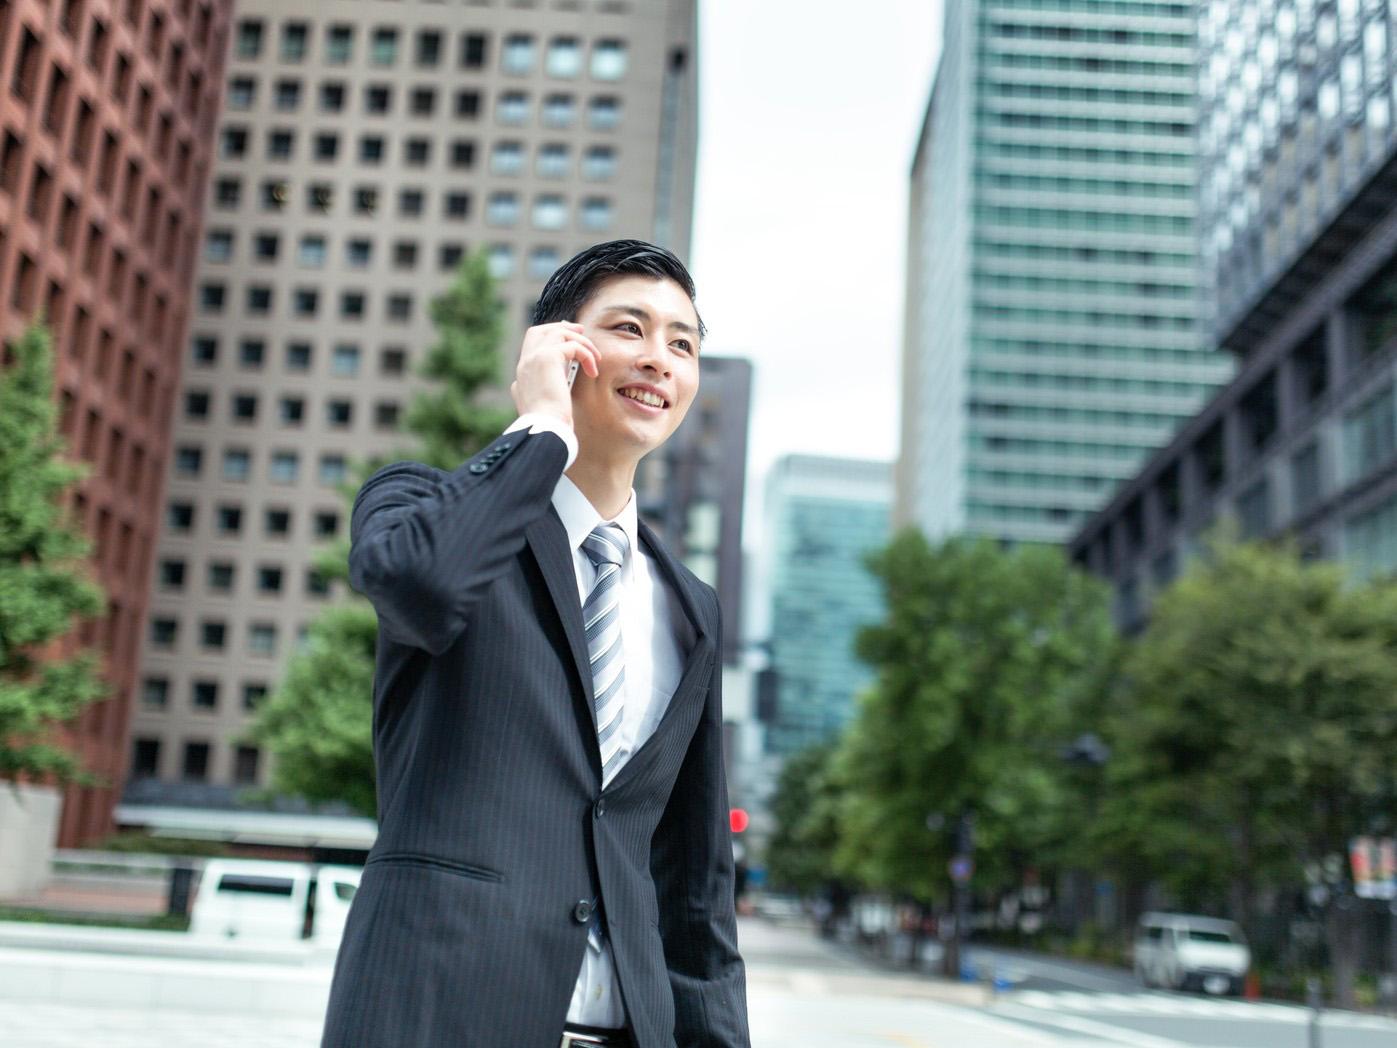 若手ビジネスパーソン5000人に聞く「転職したい会社」ランキング